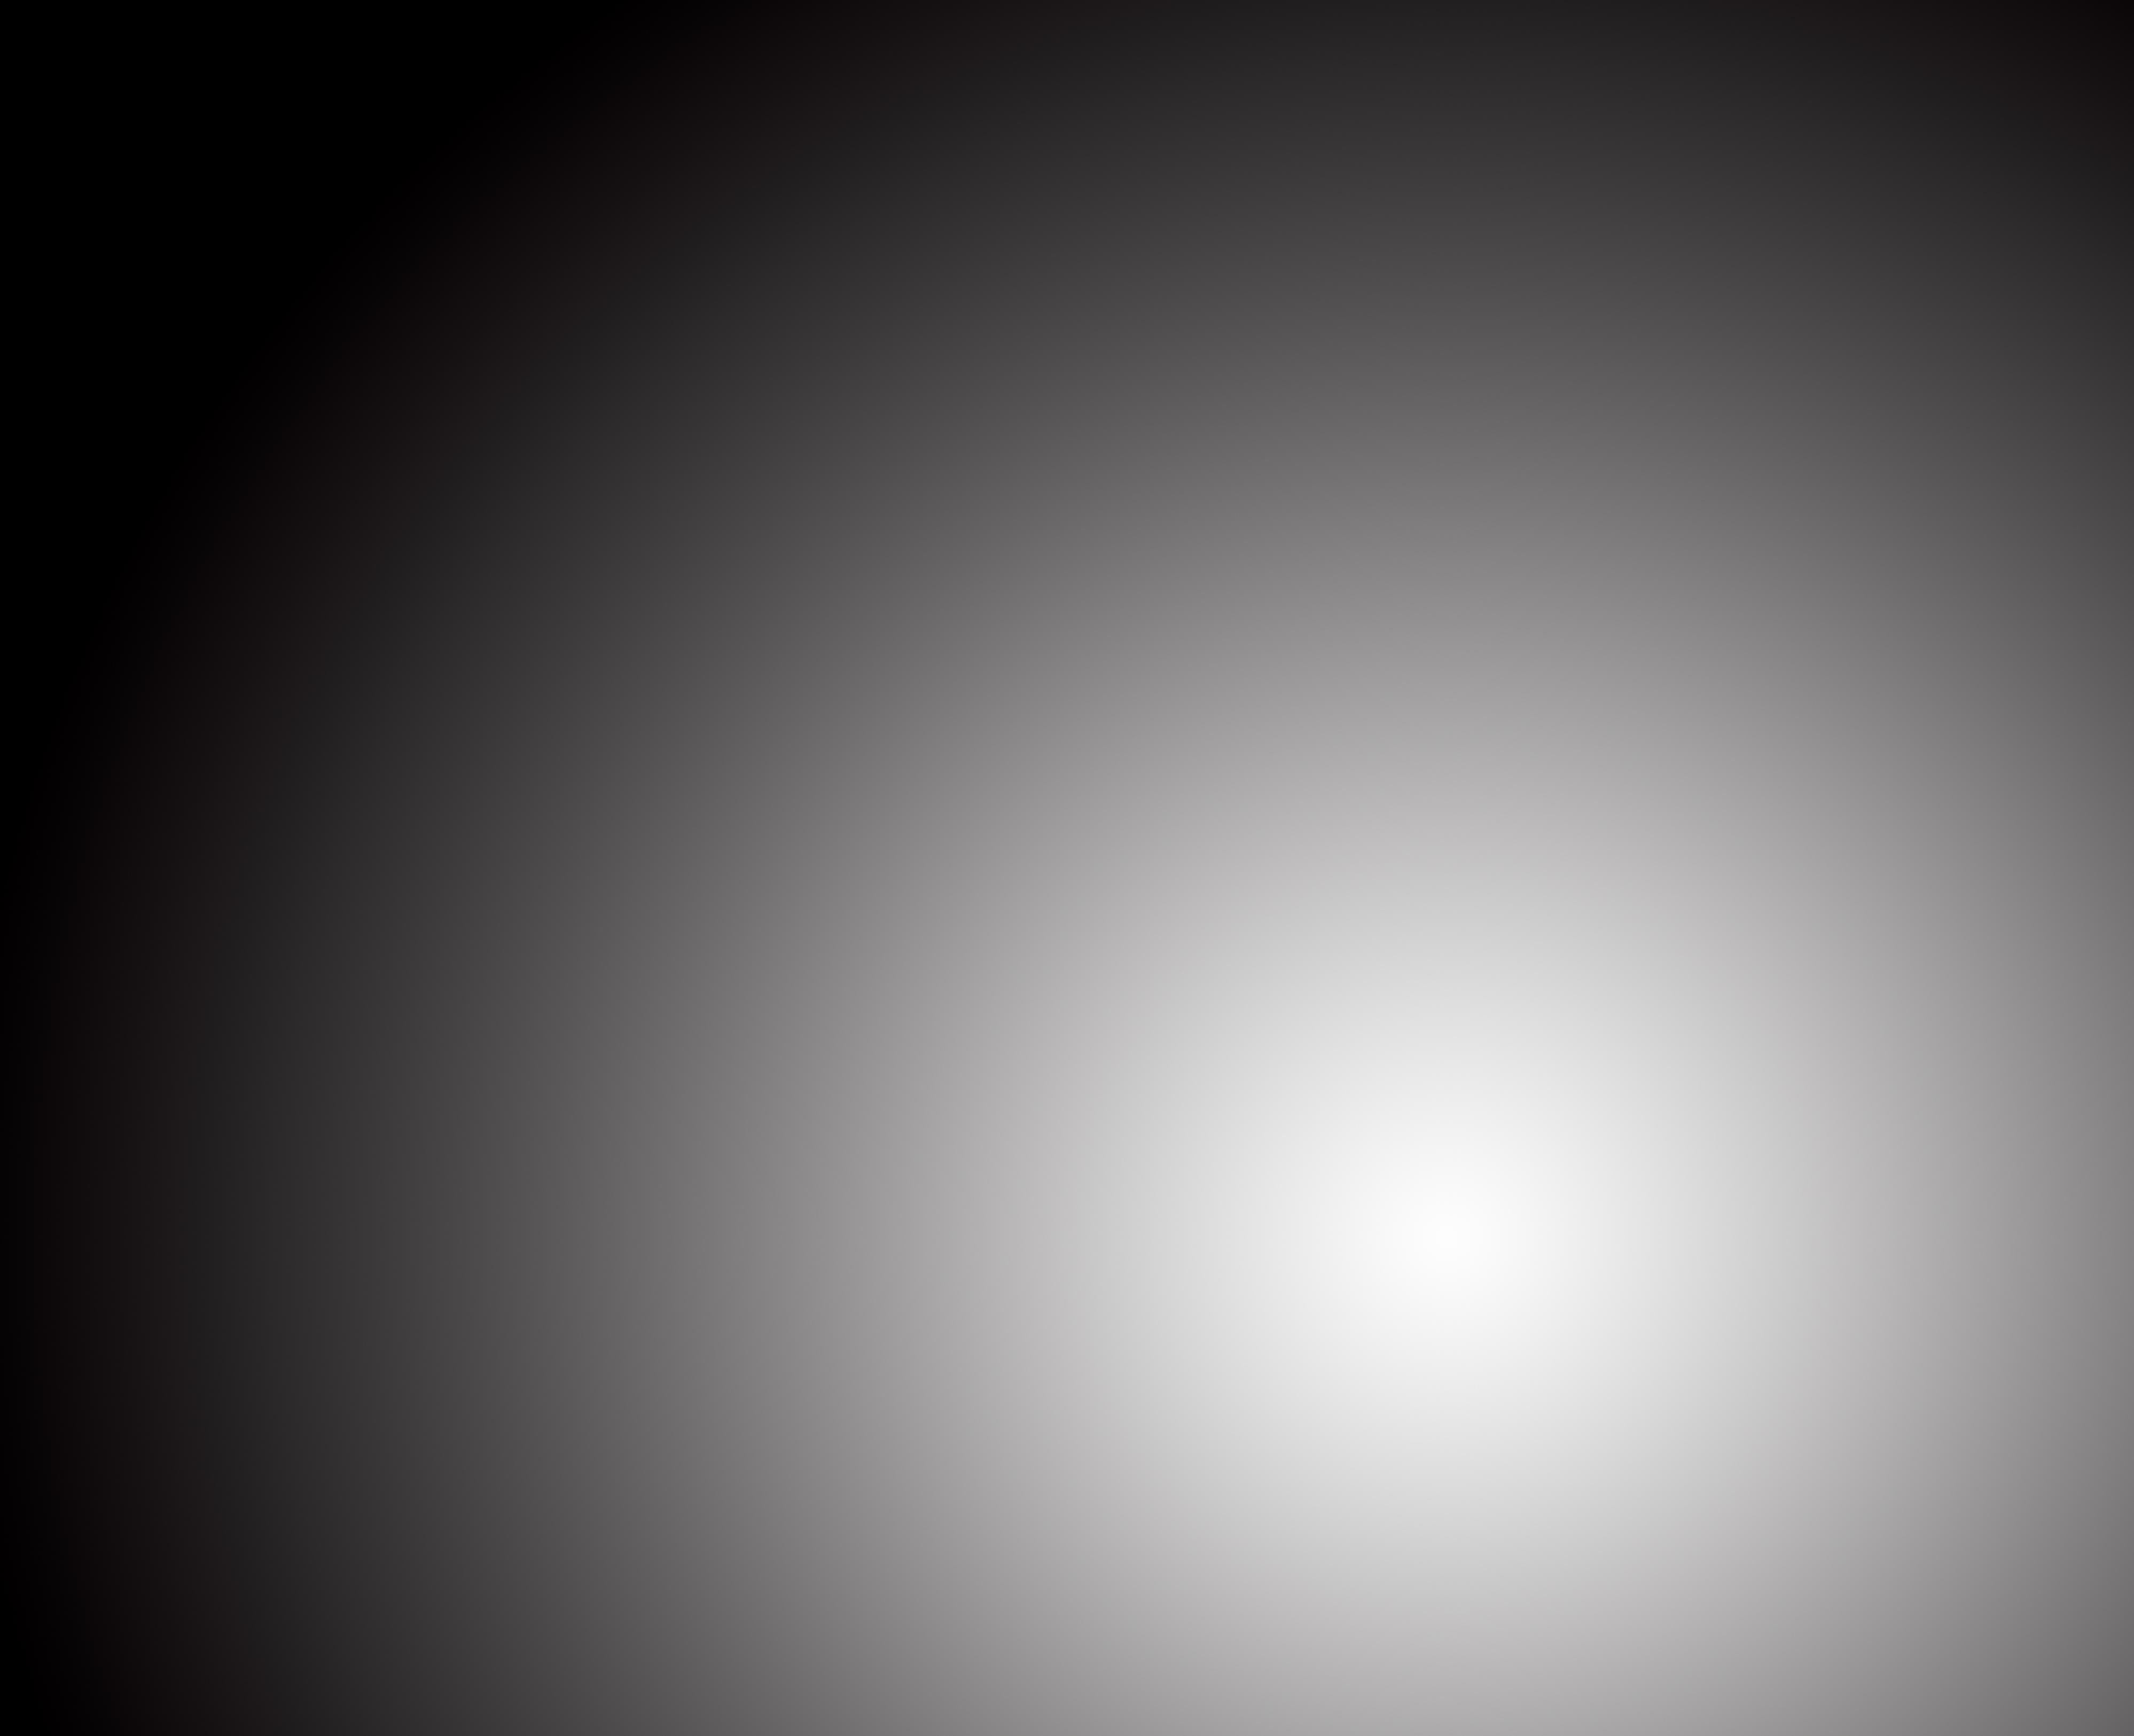 A Coordena U00e7 U00e3o Do Painel Preto E Branco Simples Gradiente